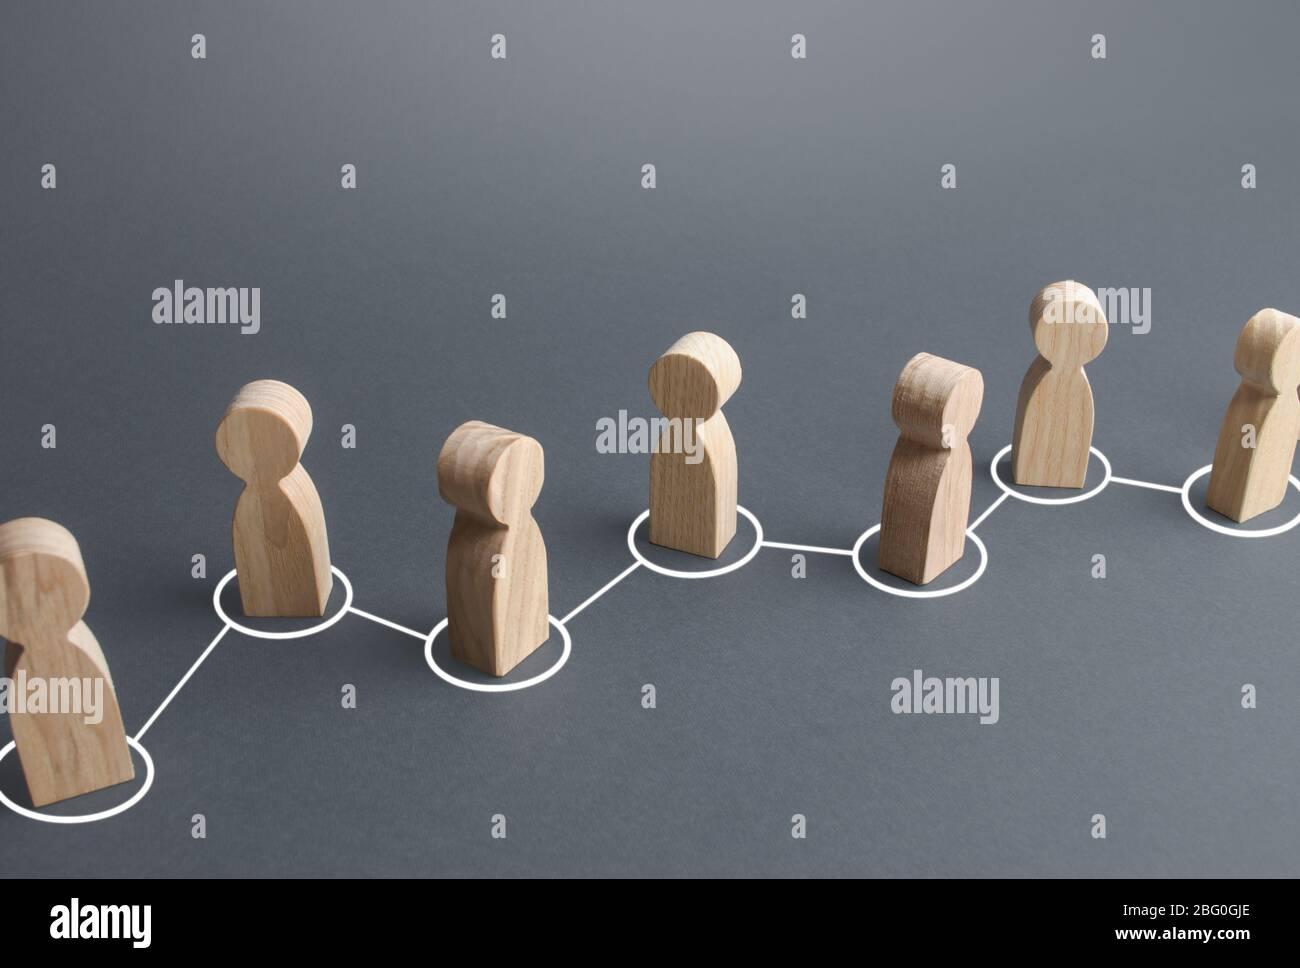 Cadena de personas conectadas por líneas. Cooperación, colaboración. Enlaces de comunicación. Rumor difundiéndose en la sociedad pública. Asociación, unidad, asistencia Foto de stock